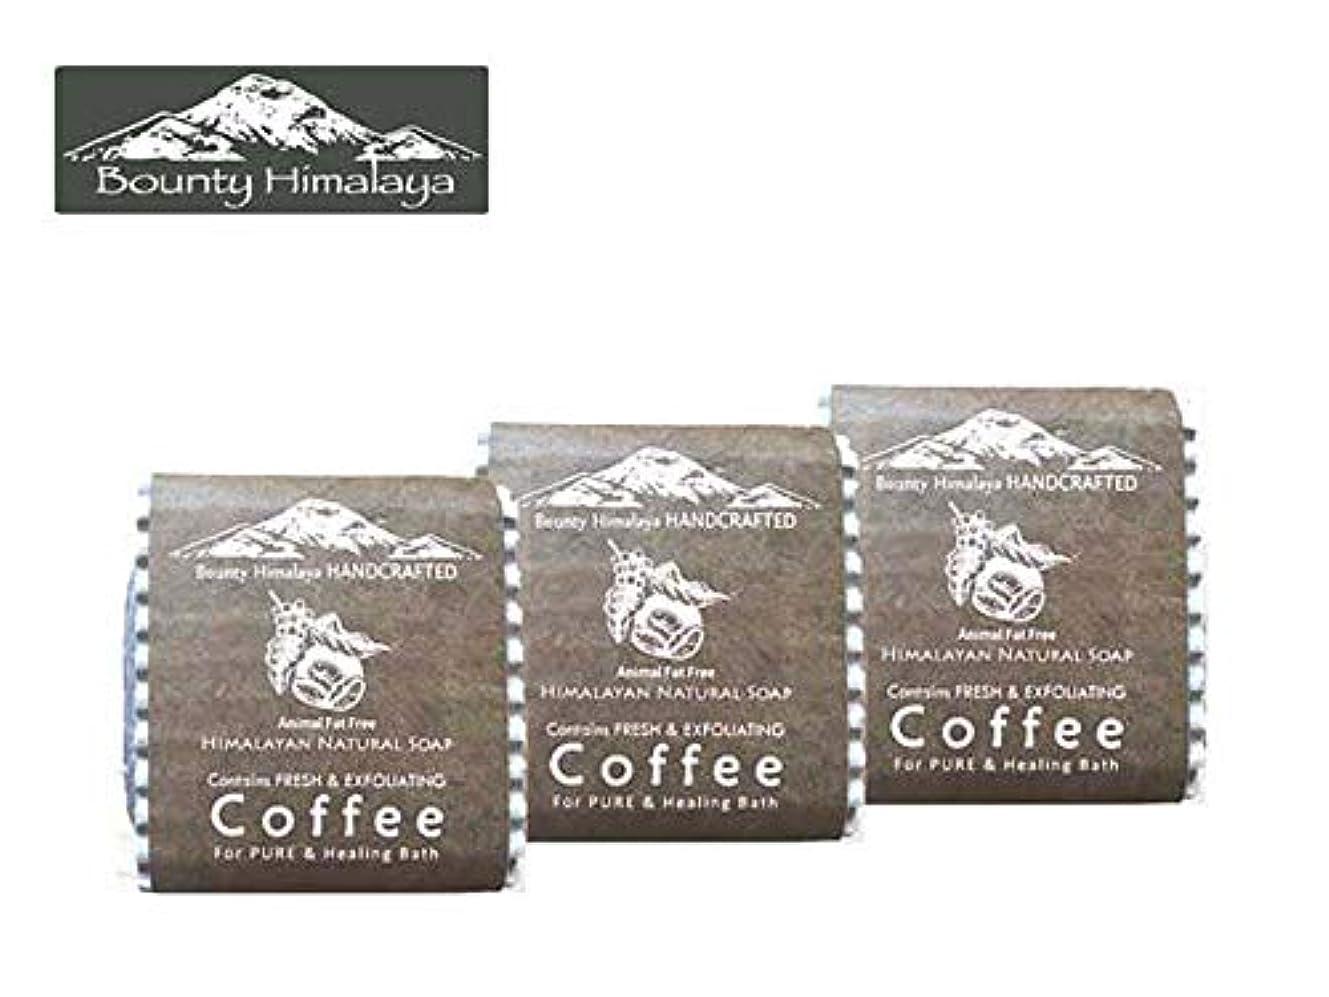 計画誠意節約するアーユルヴェーダ ヒマラヤ コーヒー ソープ3セット Bounty Himalaya Coffee SOAP(NEPAL AYURVEDA) 100g